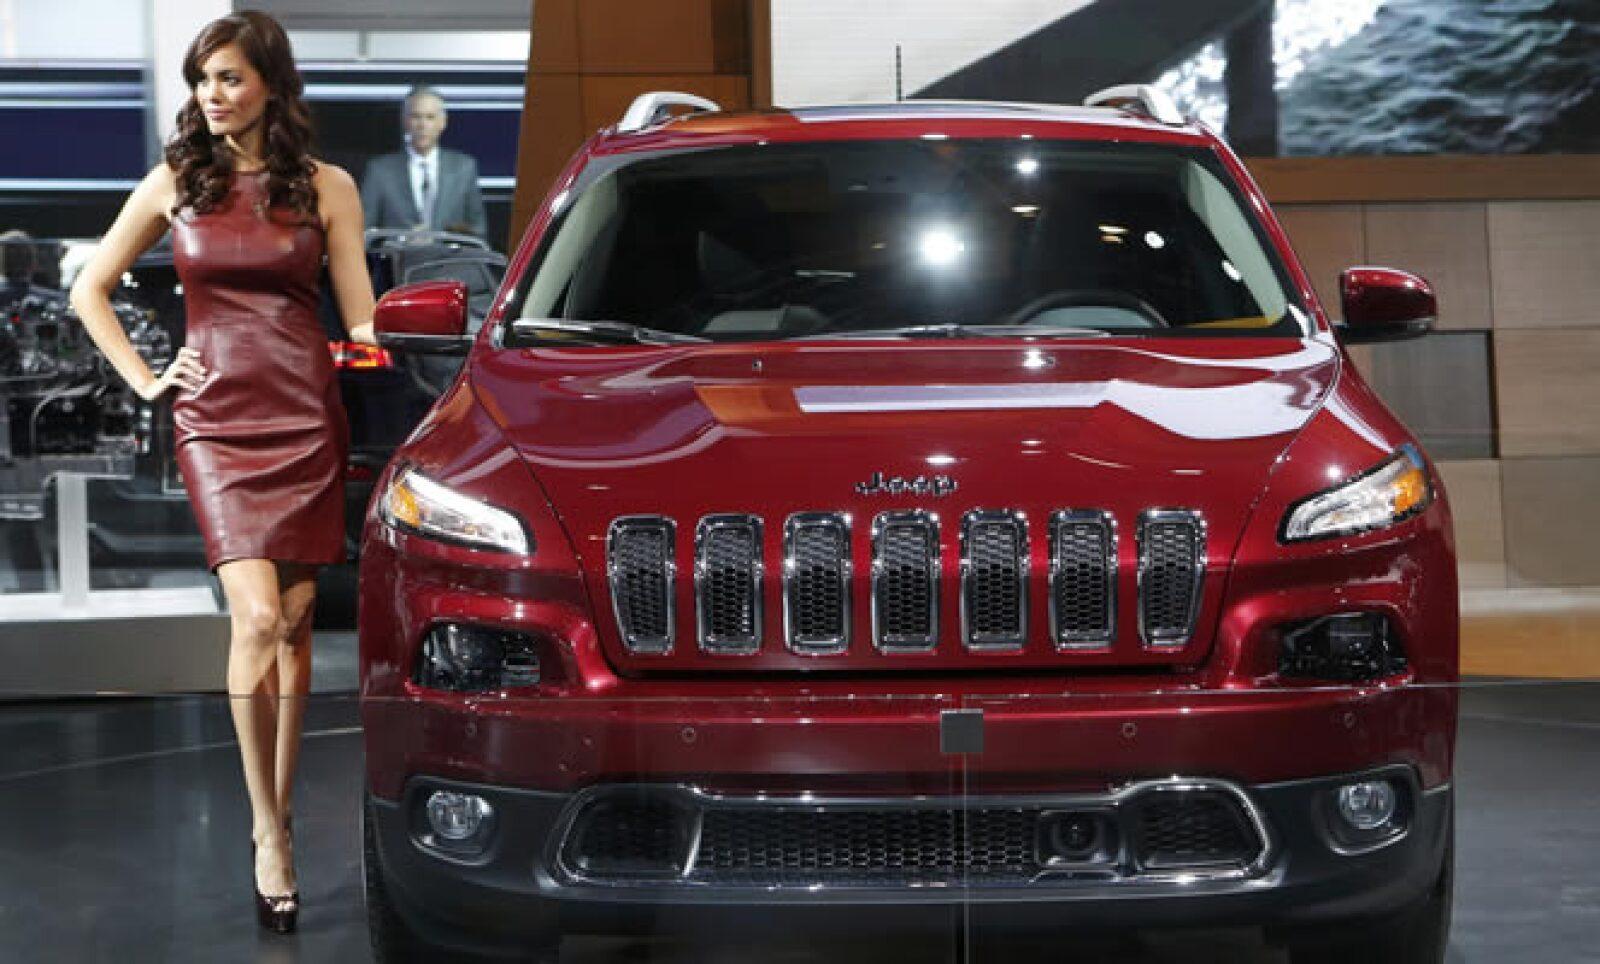 La nueva versión de la camioneta Jeep se exhibió en color rojo en el Salón del Automóvil.